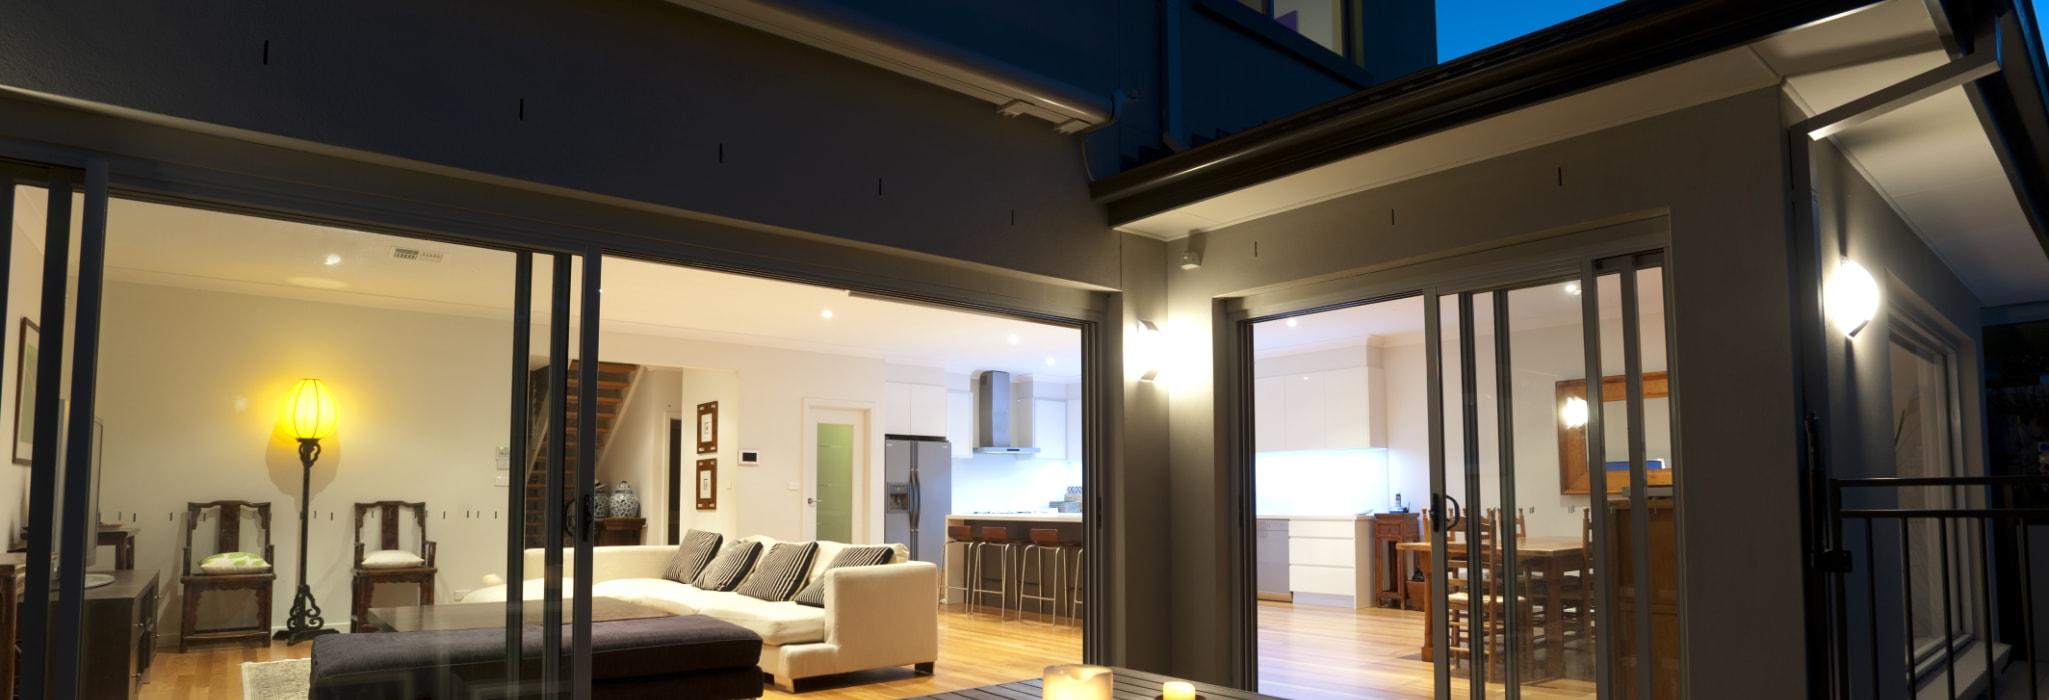 Indoor-outdoor living in the evening